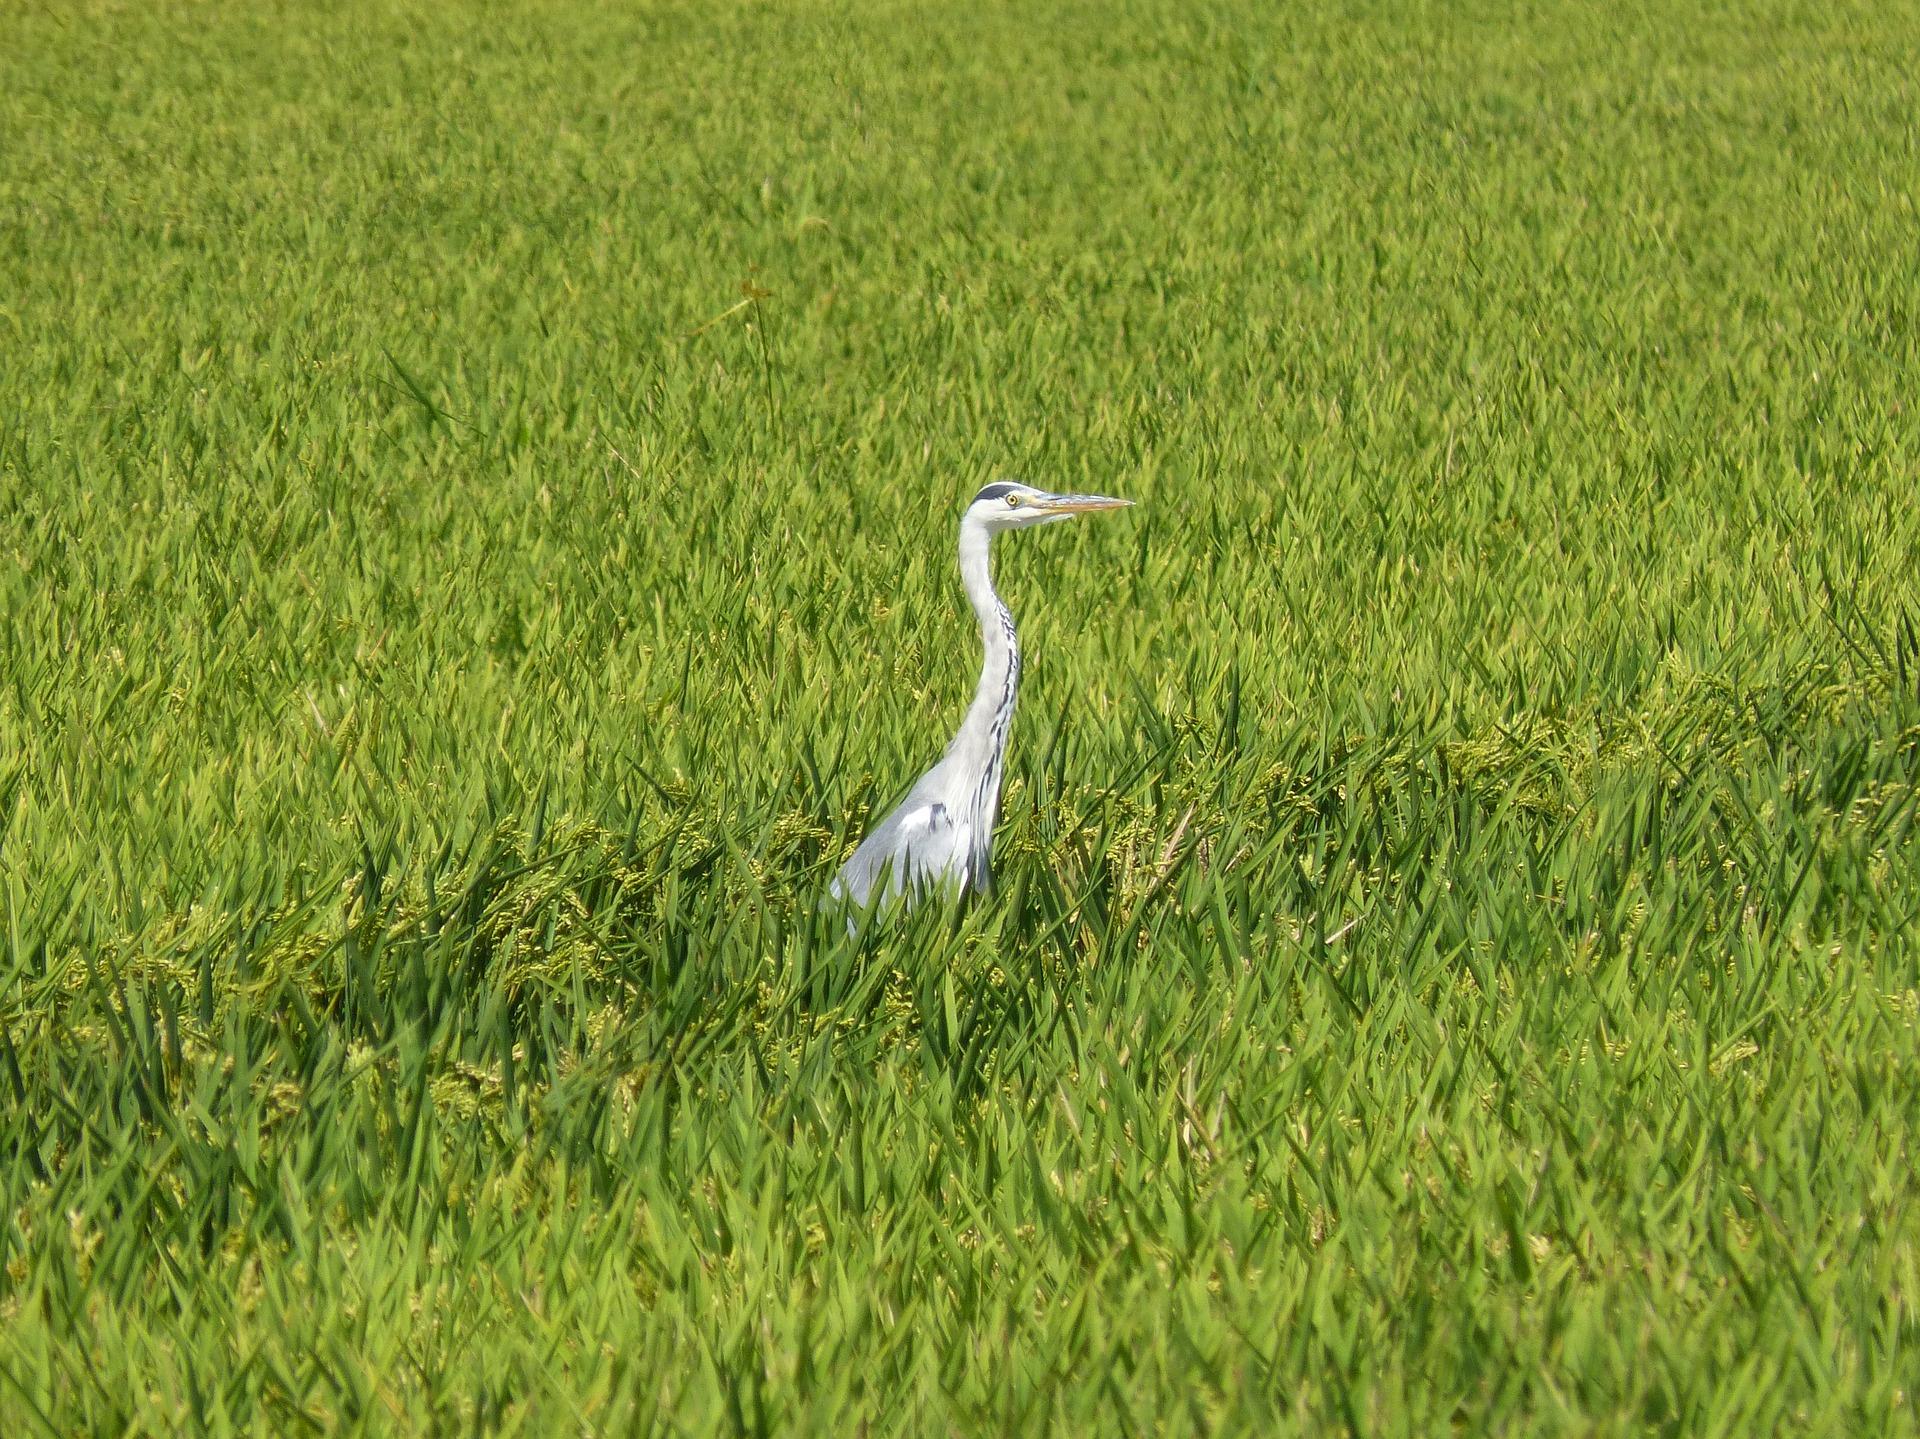 Martín pescador entre arrozales del Delta del Ebro